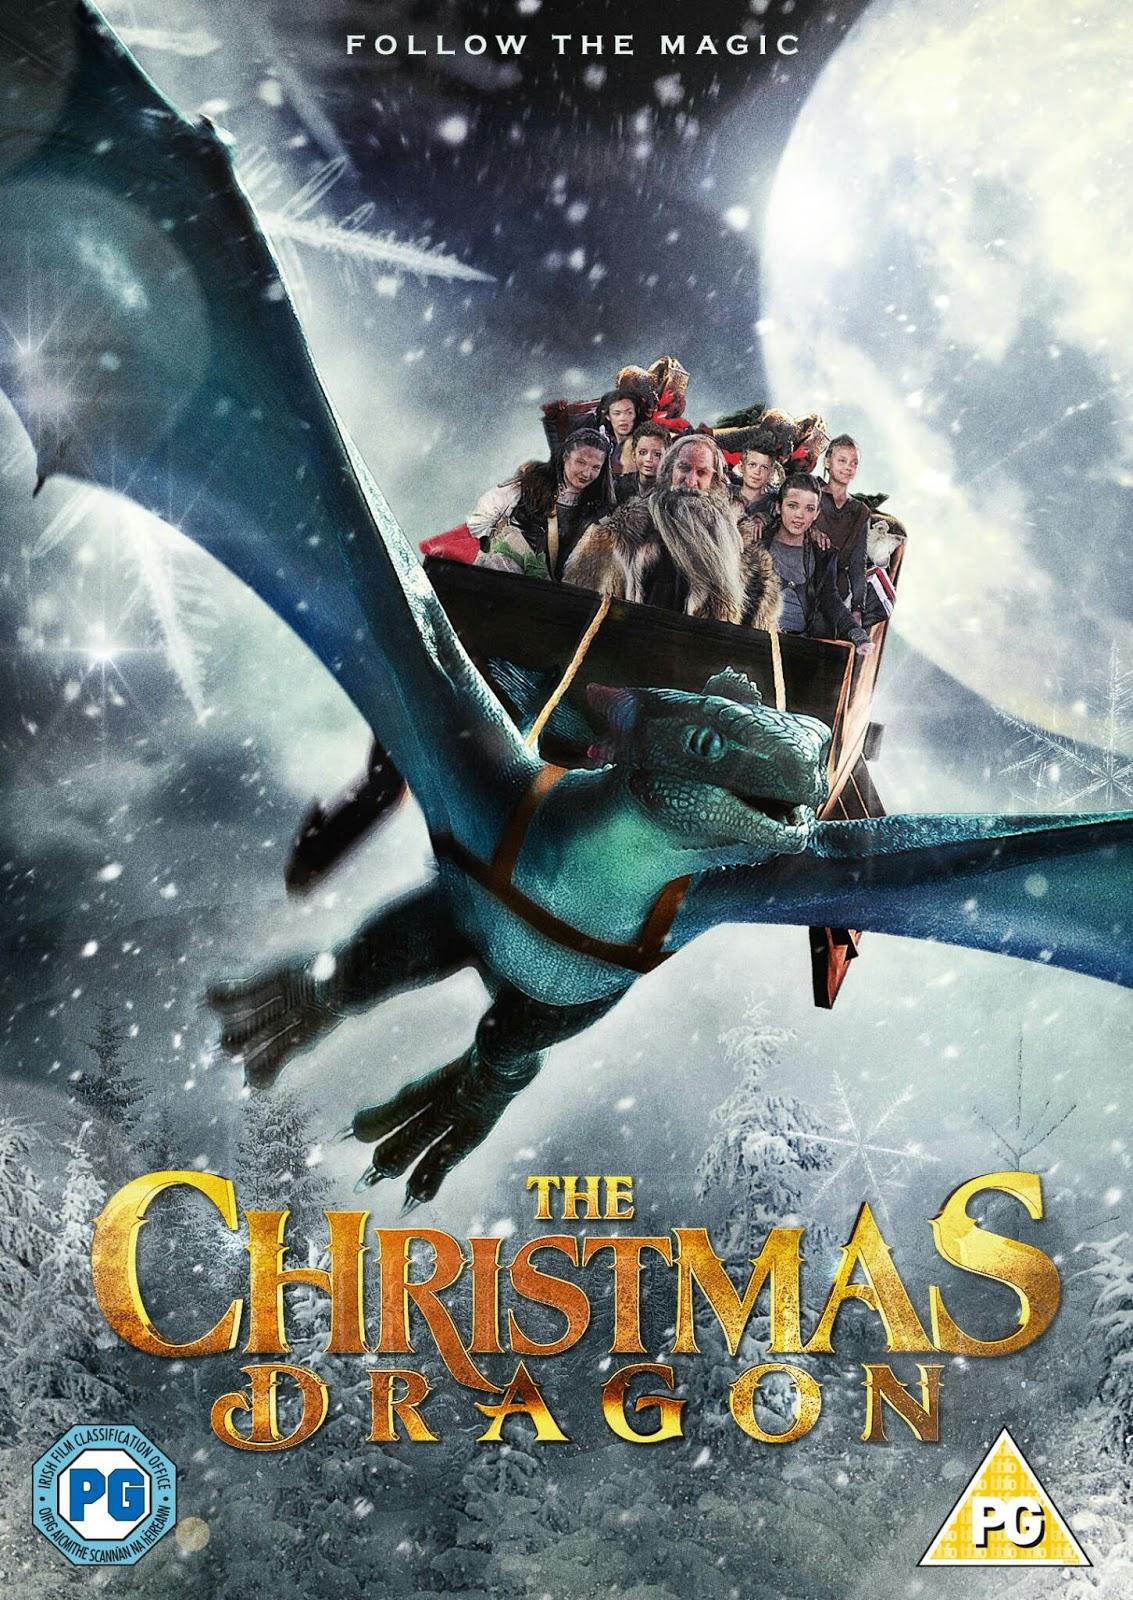 The Christmas Dragon DVD | This Is Life